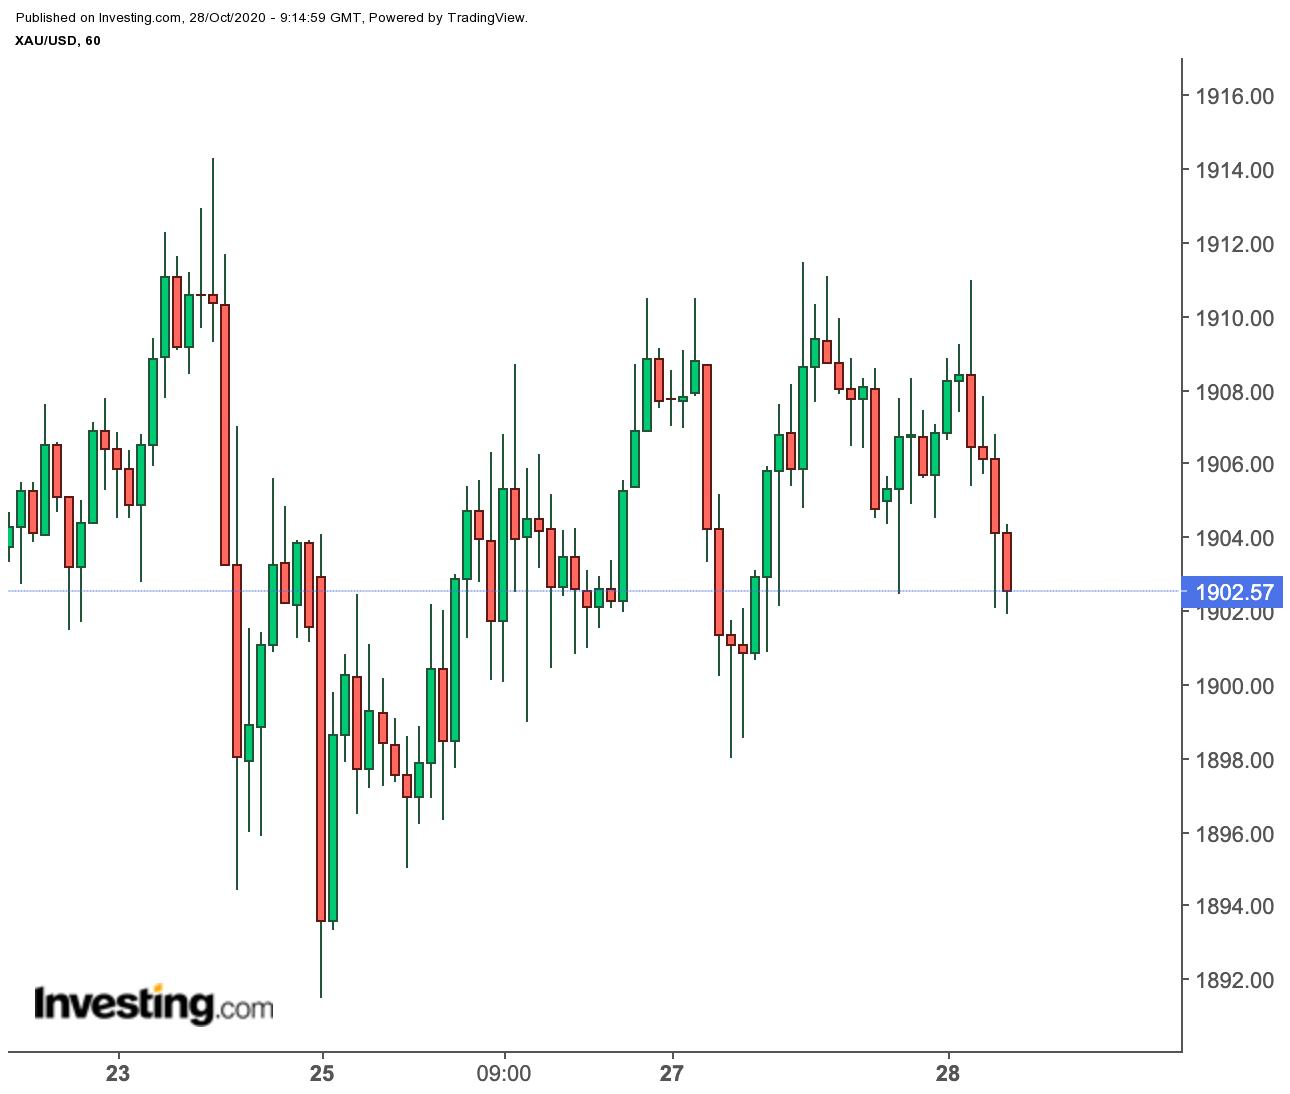 Спотовая цена на золото, 60-минутный график